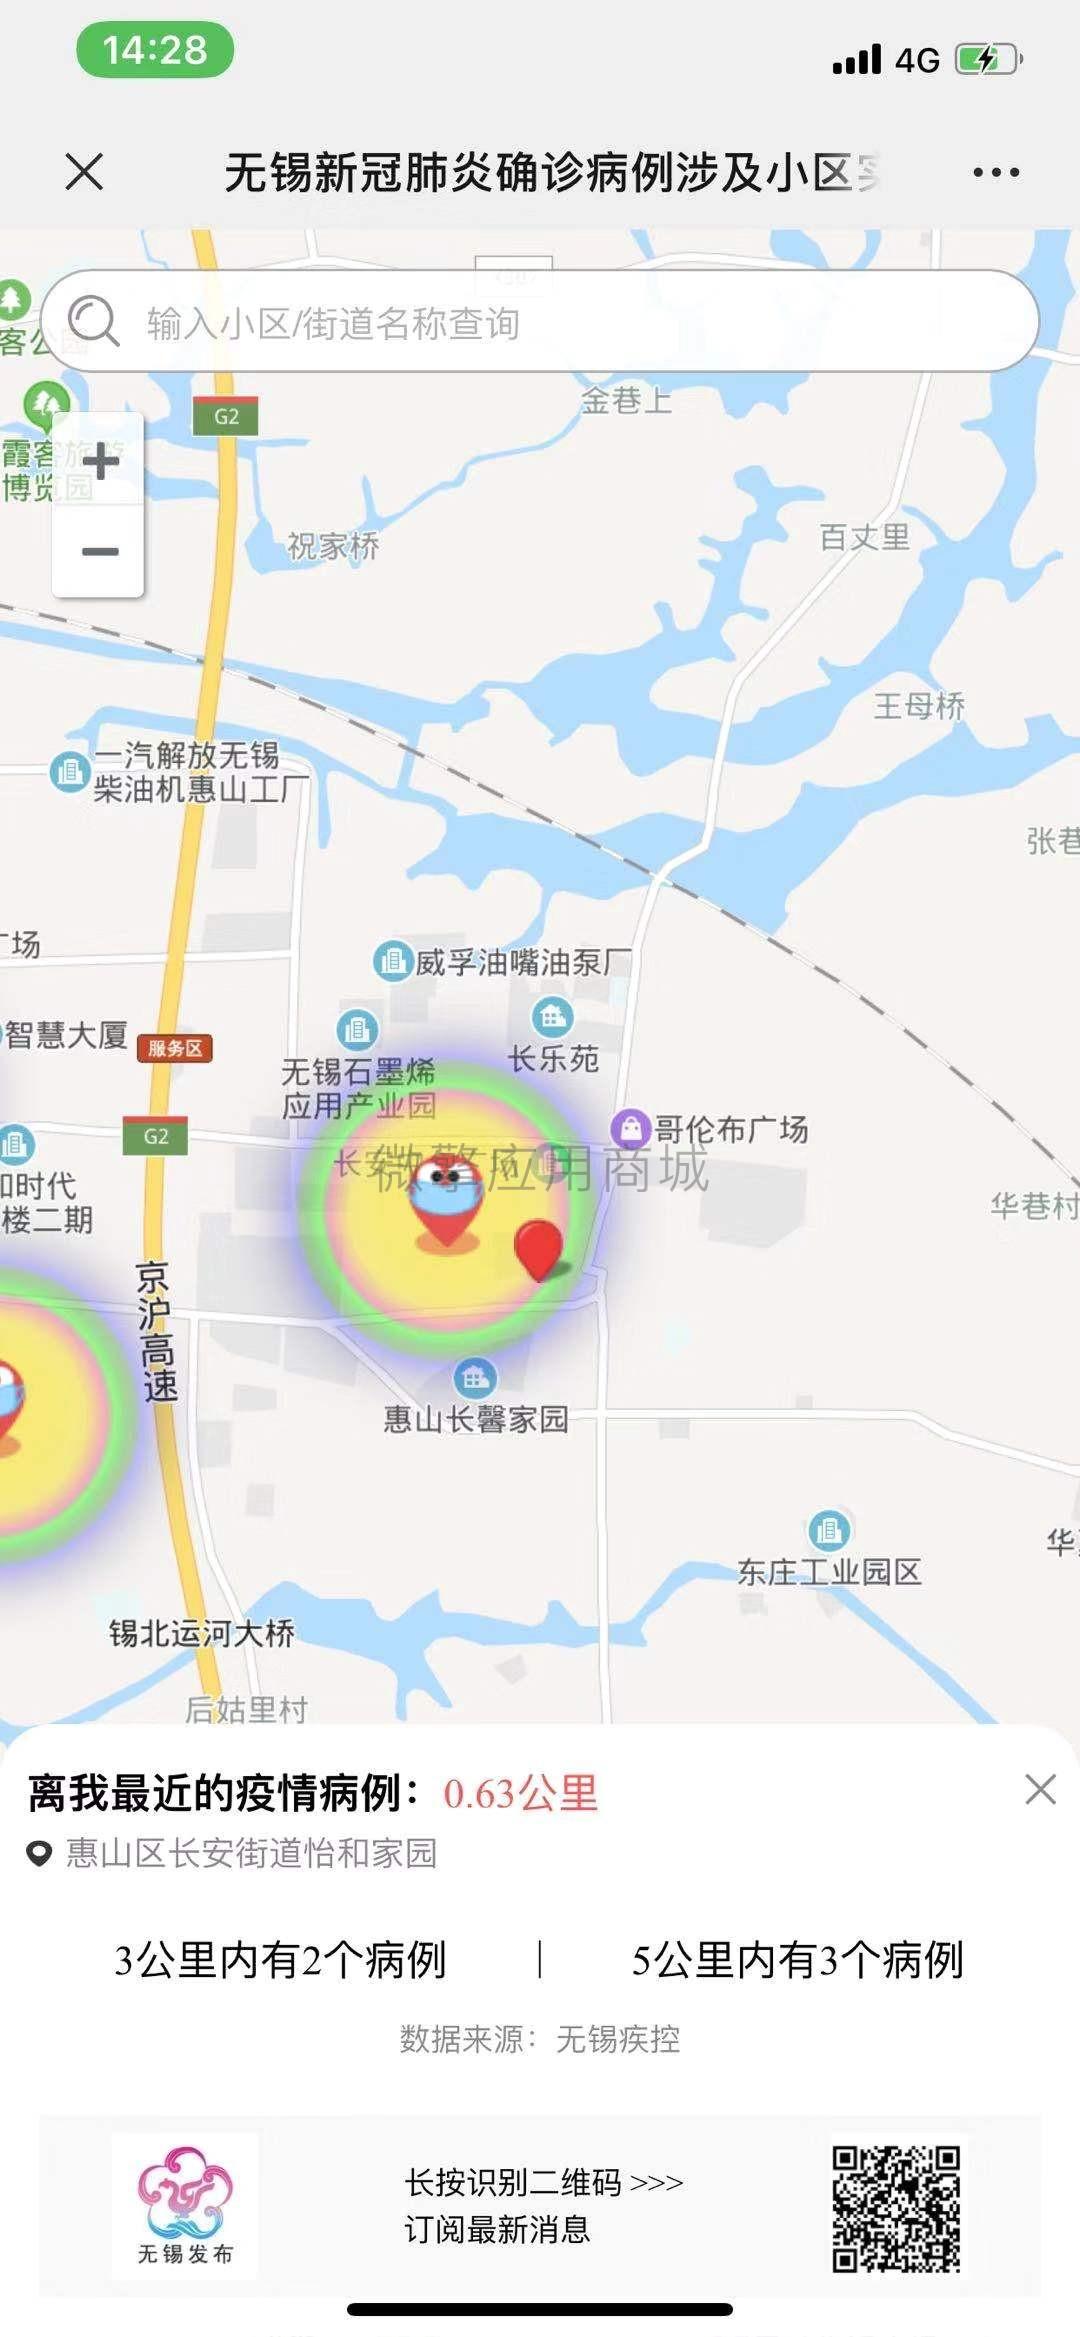 """【功能模块】nCoV疫情地图 loohu_ncov 去掉手机前端 时间的 """"小时.分钟.秒""""插图1"""